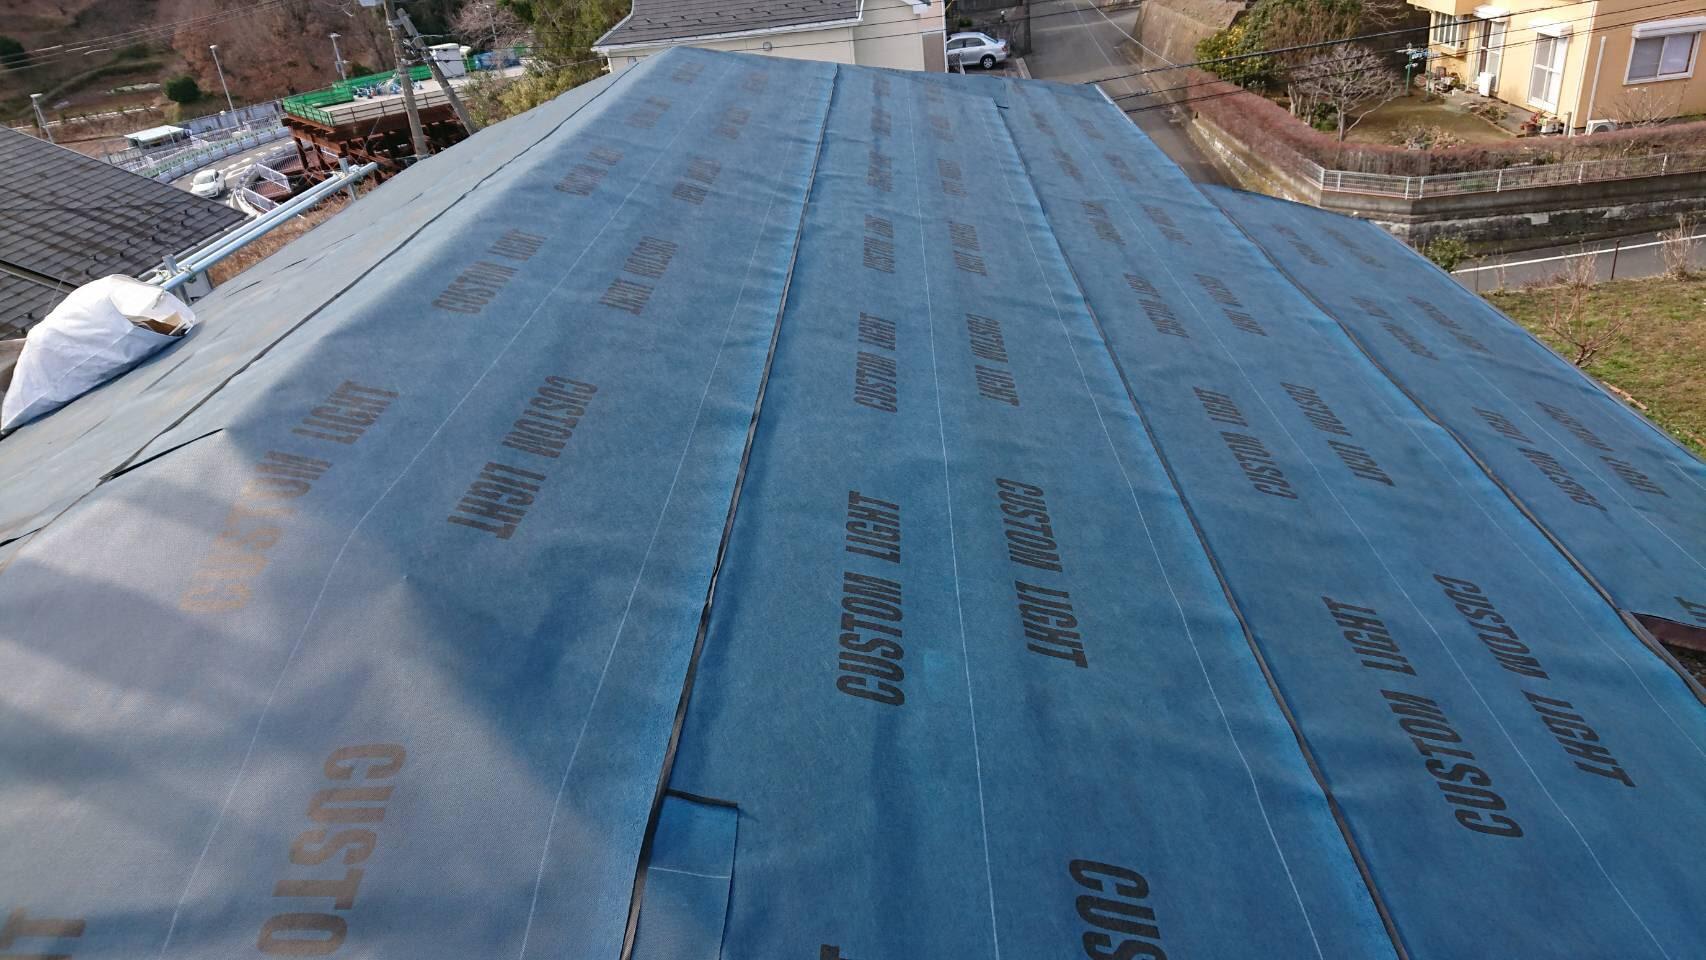 【施工完了報告!】東京都多摩市にて屋根カバールーフ工事を行いました!